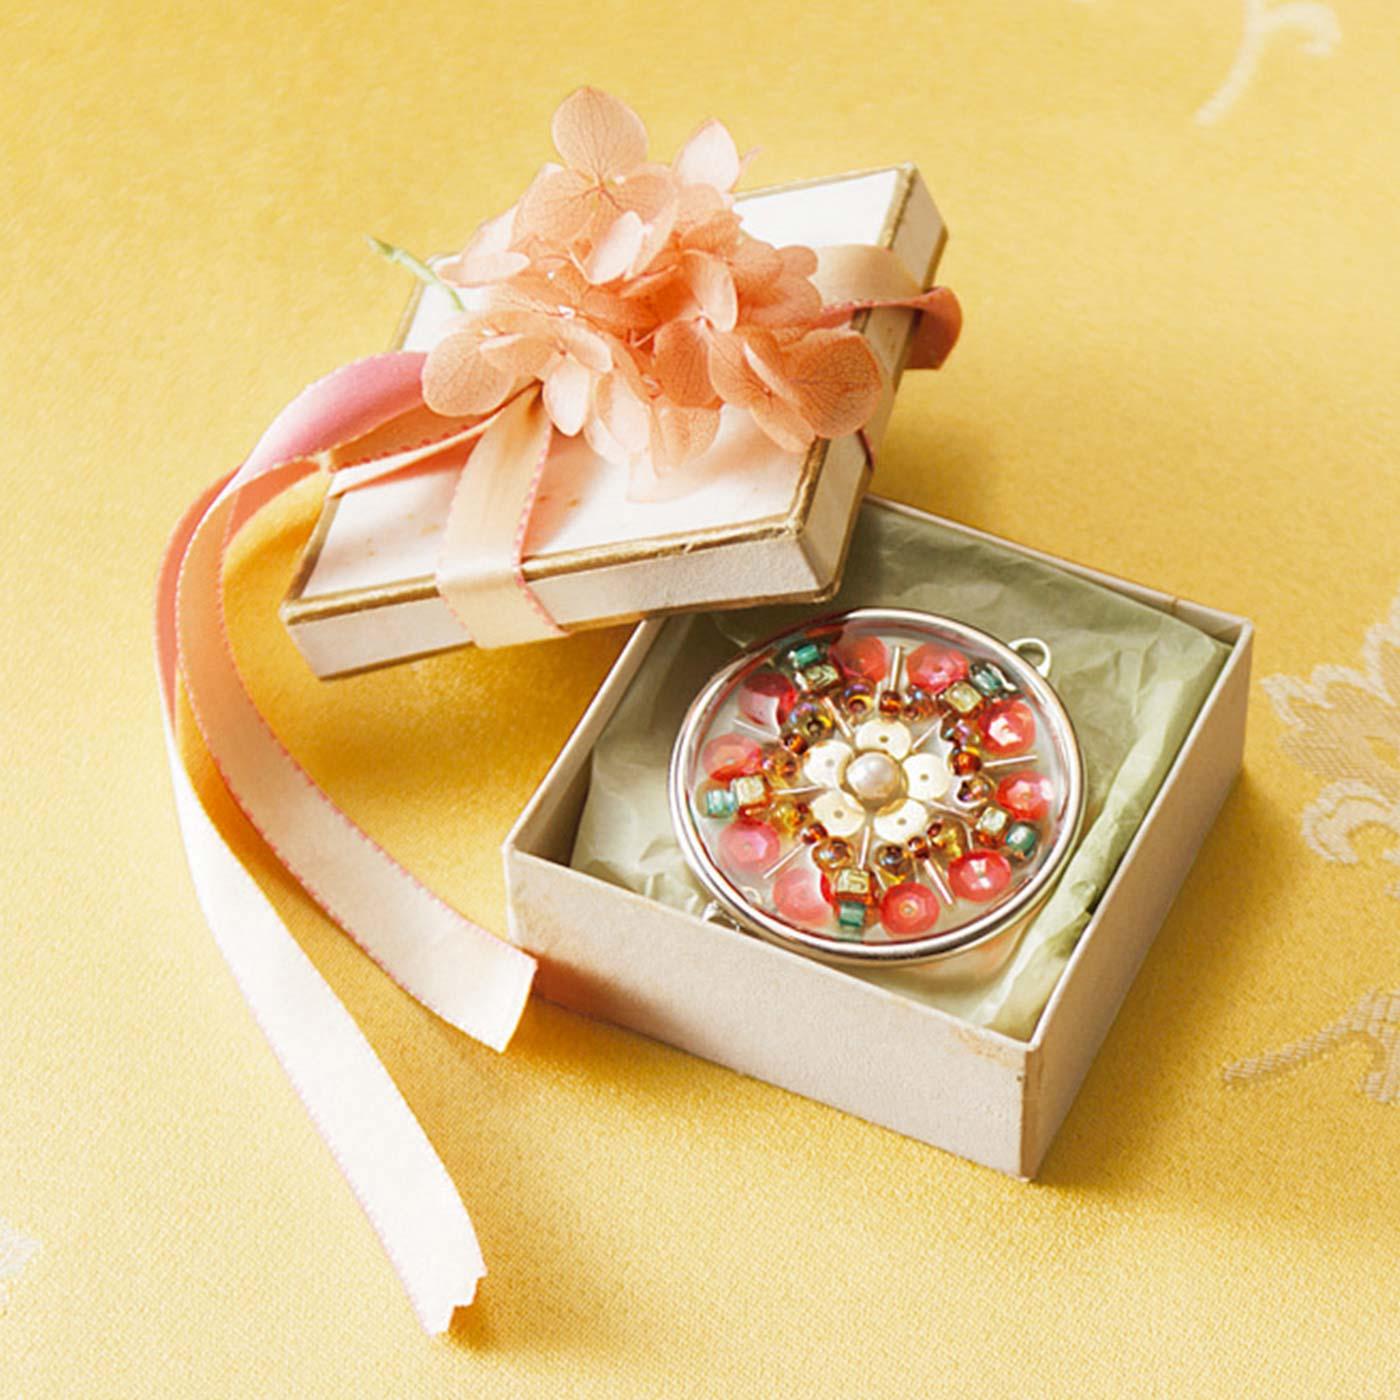 小箱に入れて、プレゼントにしてもかわいい。